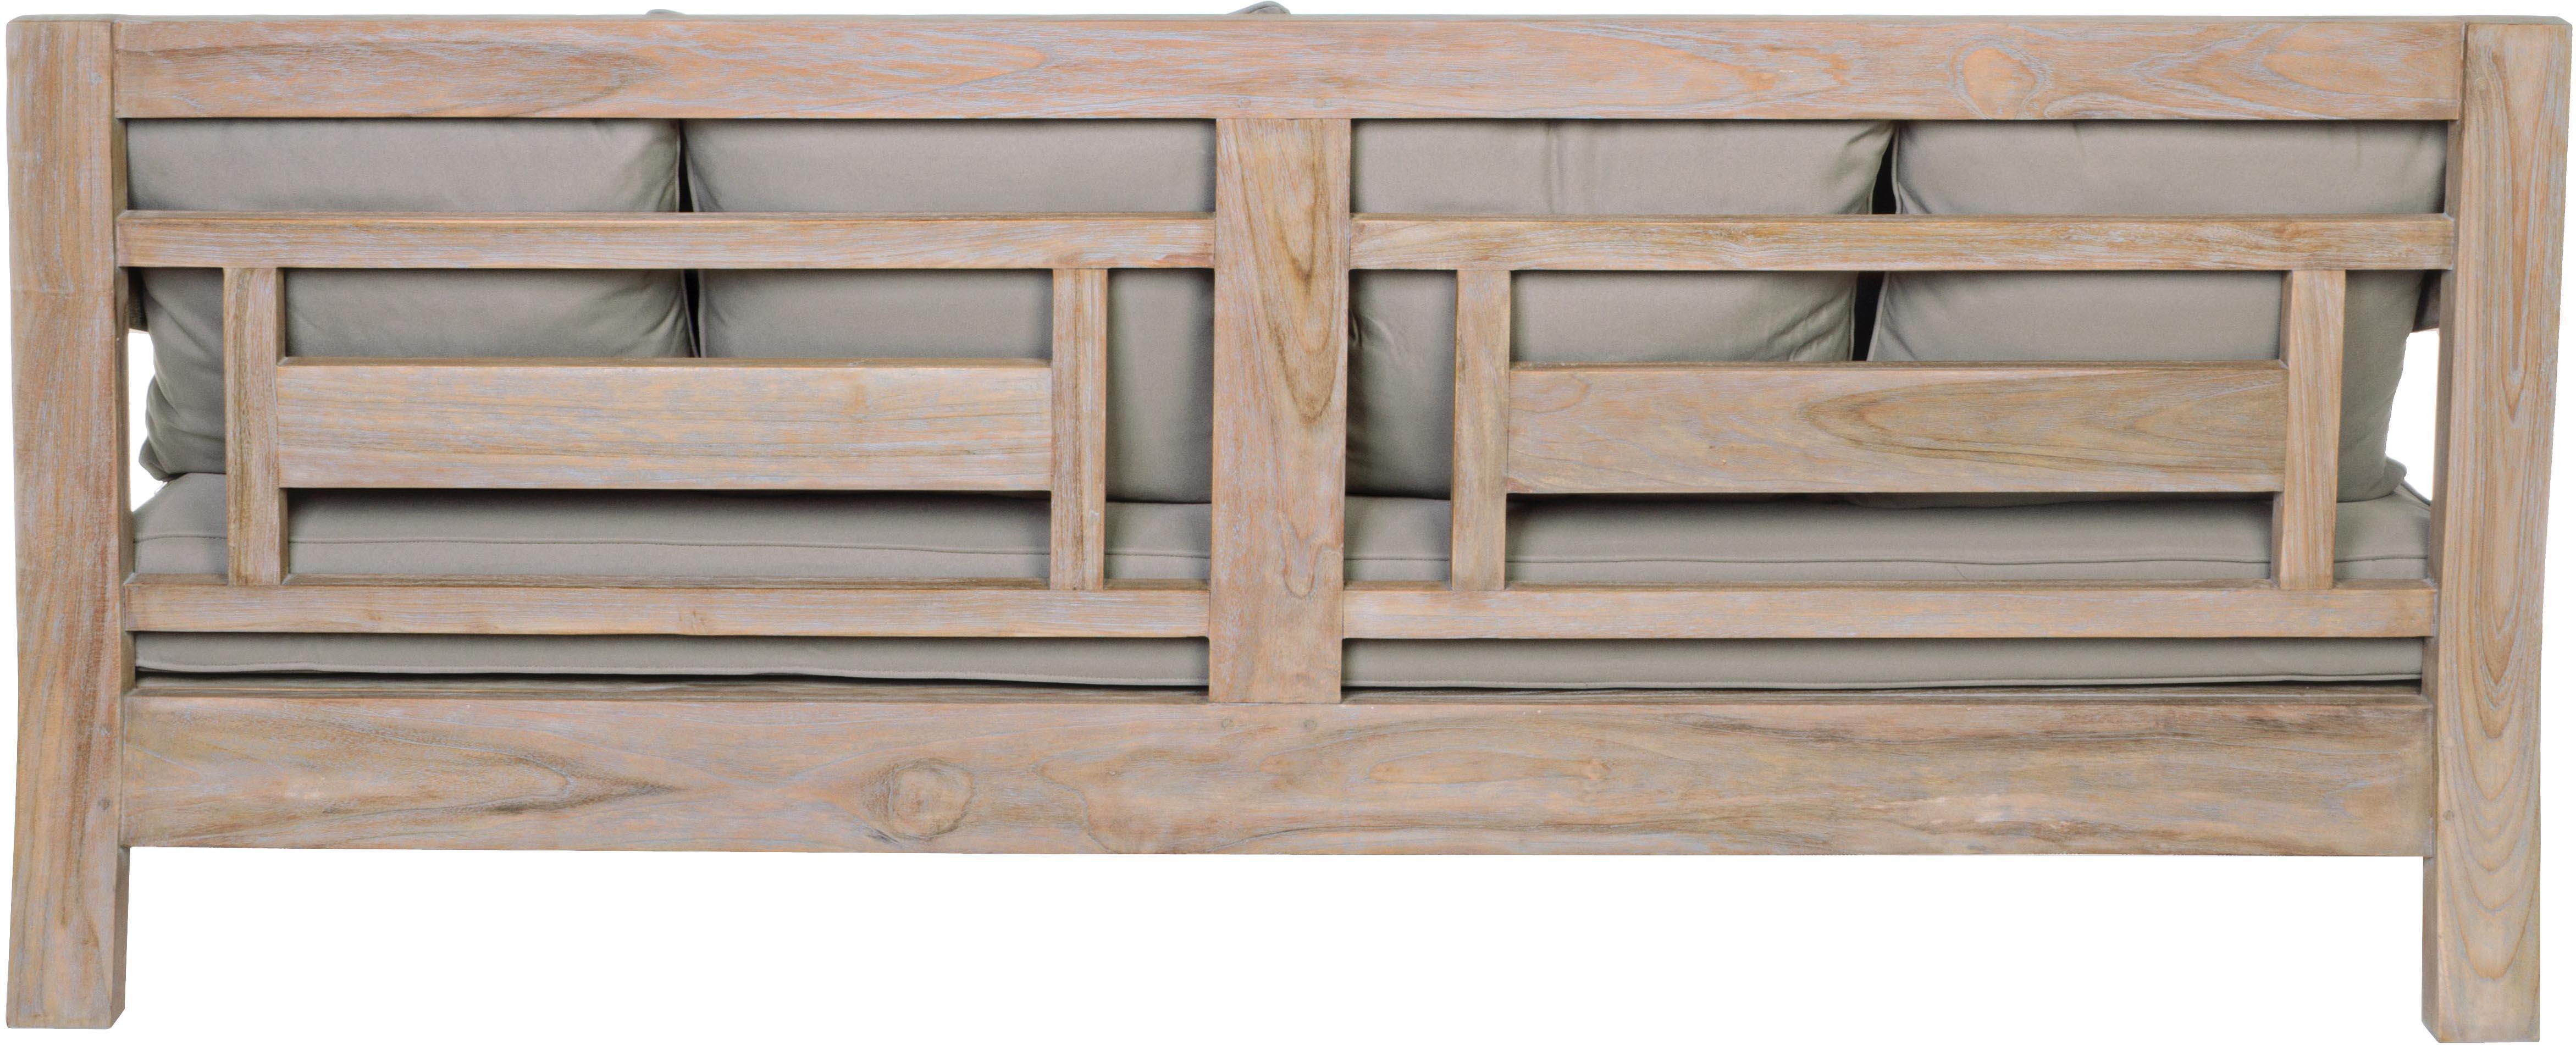 Divano da giardino 3 posti in legno di teak Bali, Struttura: legno di teak, Rivestimento: 100% poliestere, resisten, Cornice: teak Rivestimenti: grigio, Larg. 190 x Prof. 112 cm